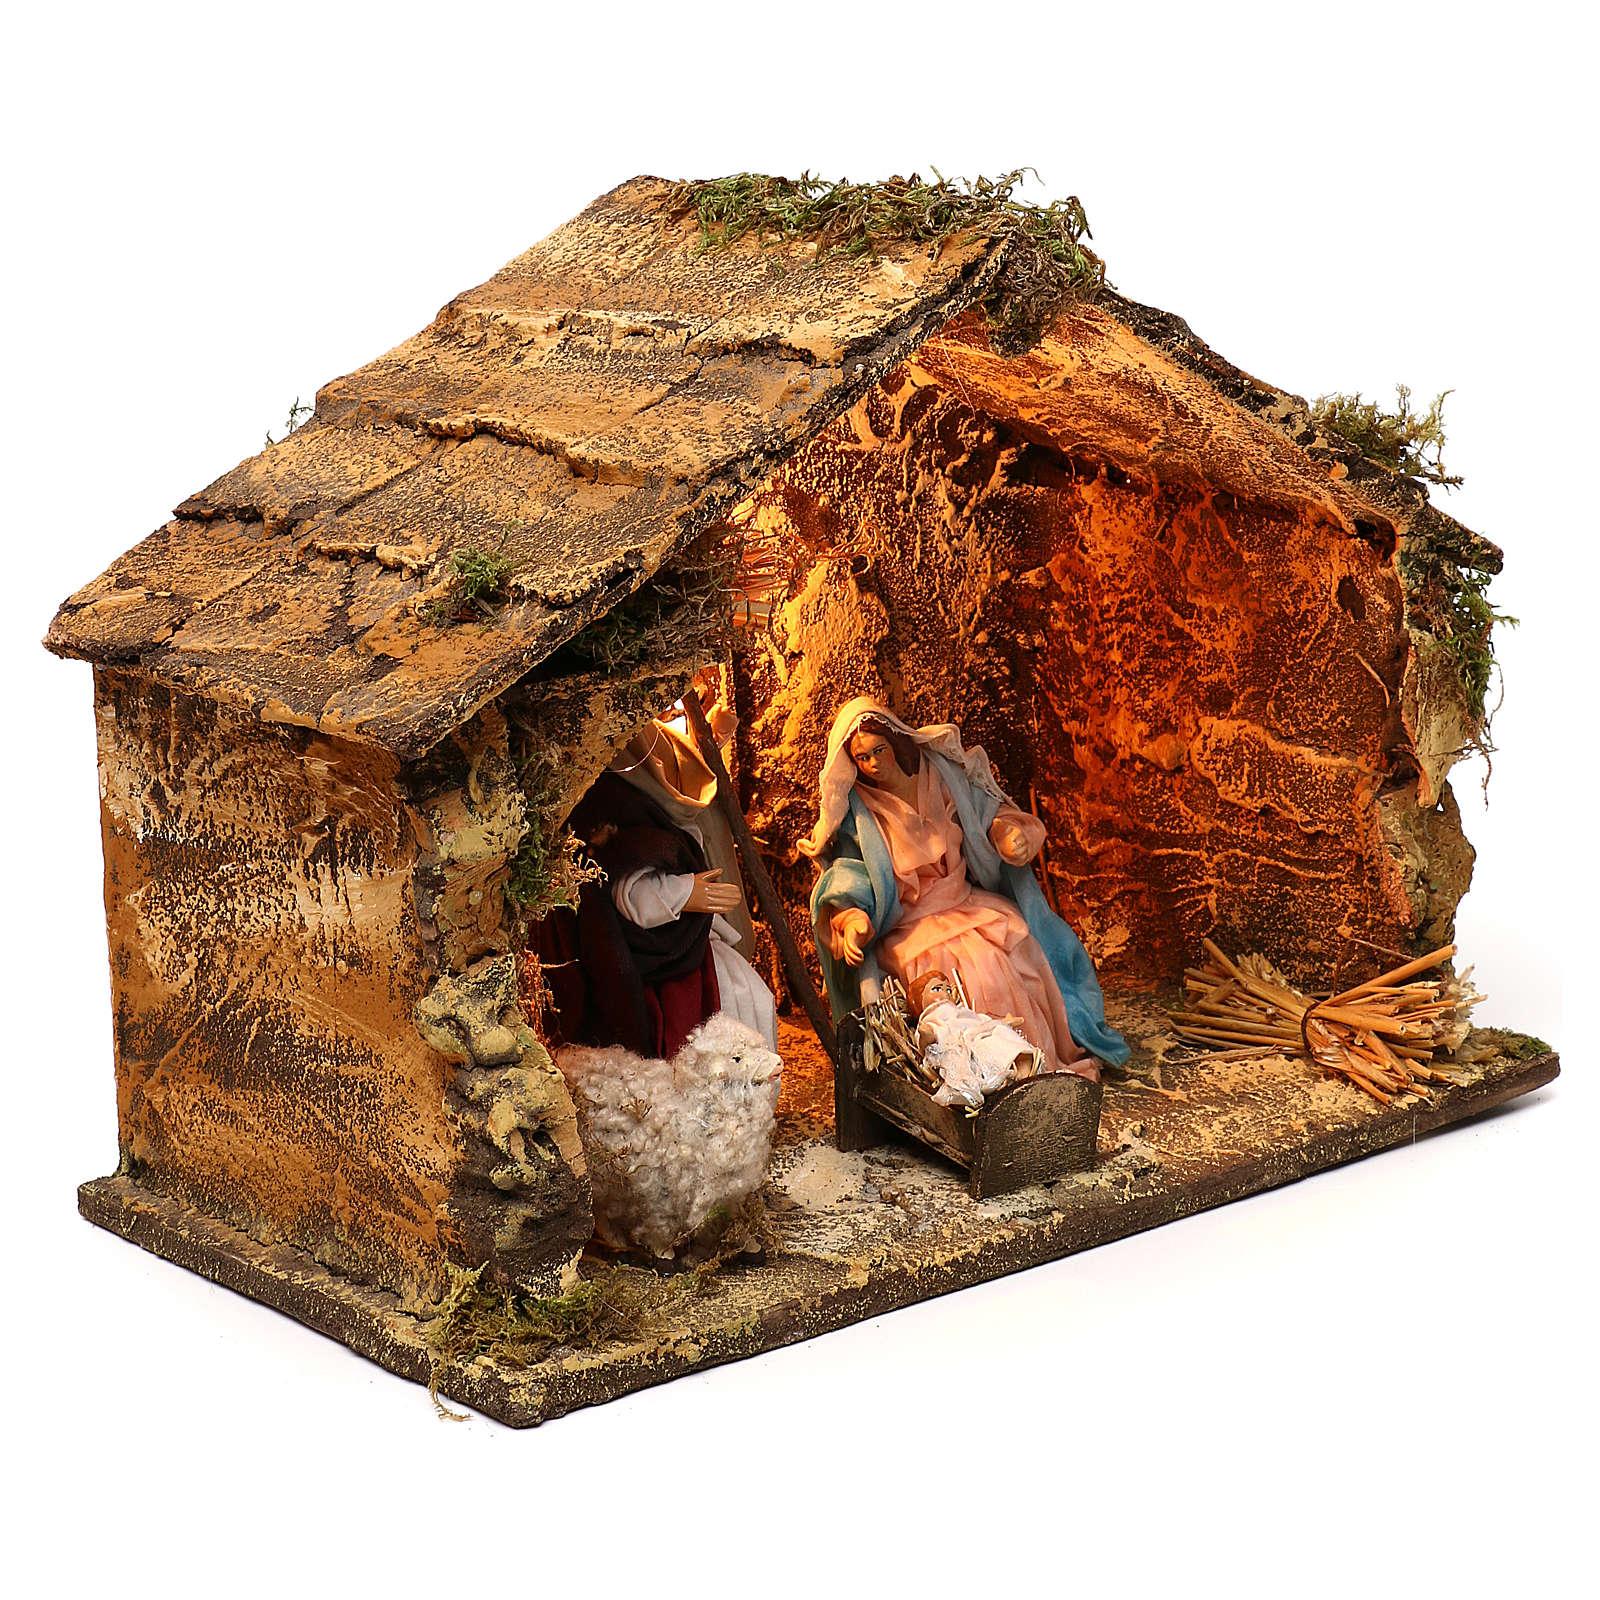 Neapolitan Nativity scene, Holy Family in stable 25x35x20 cm 4